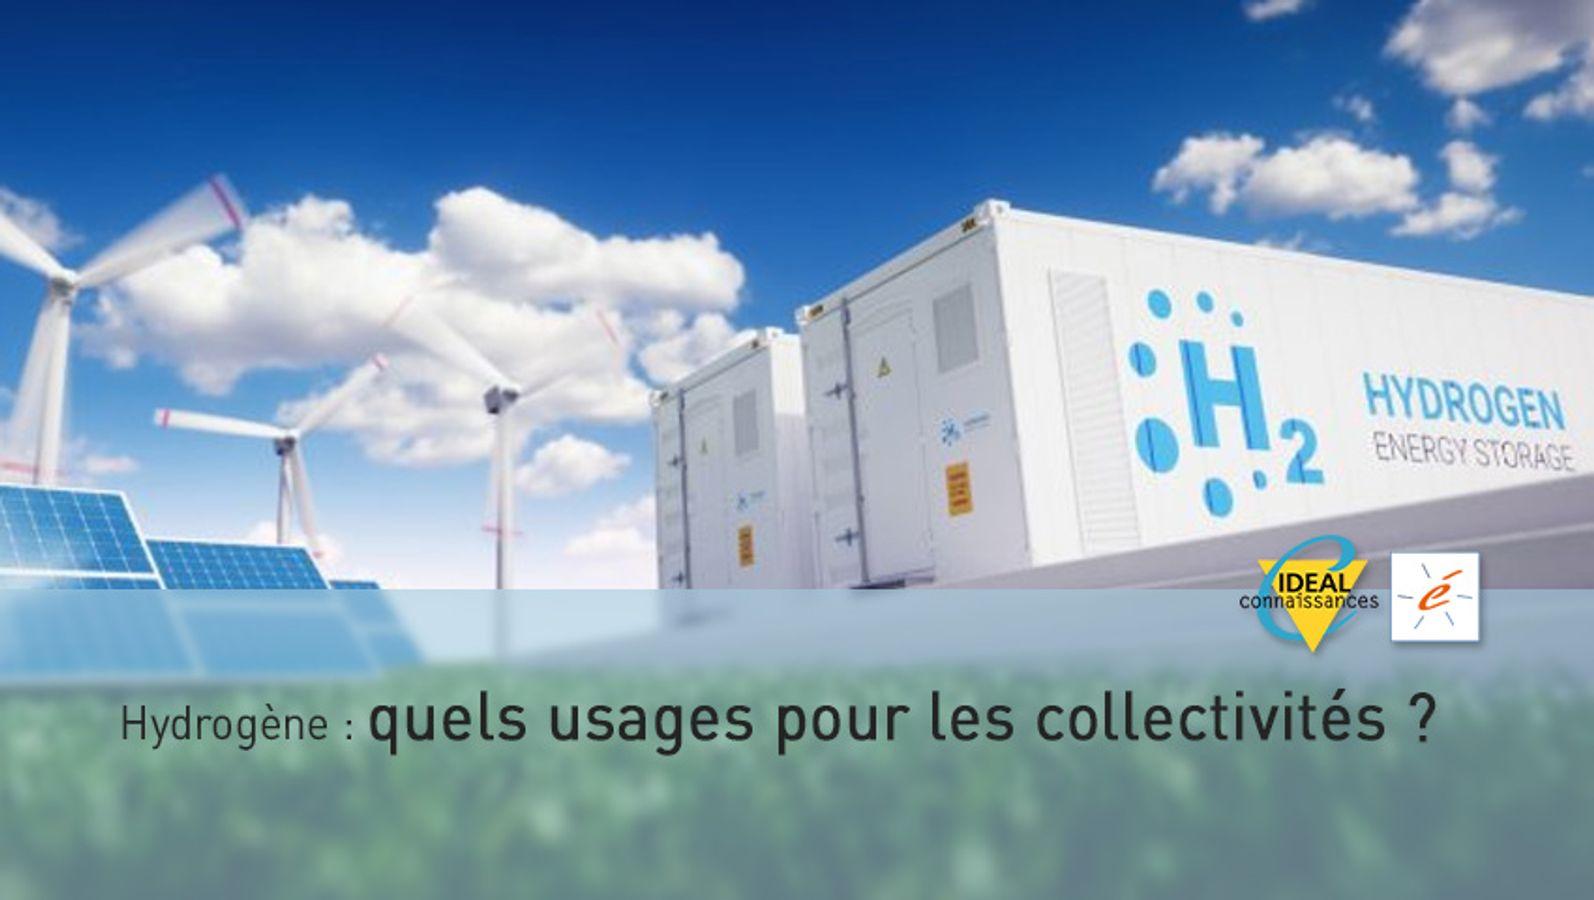 Hydrogène : quels usages pour les collectivités ?